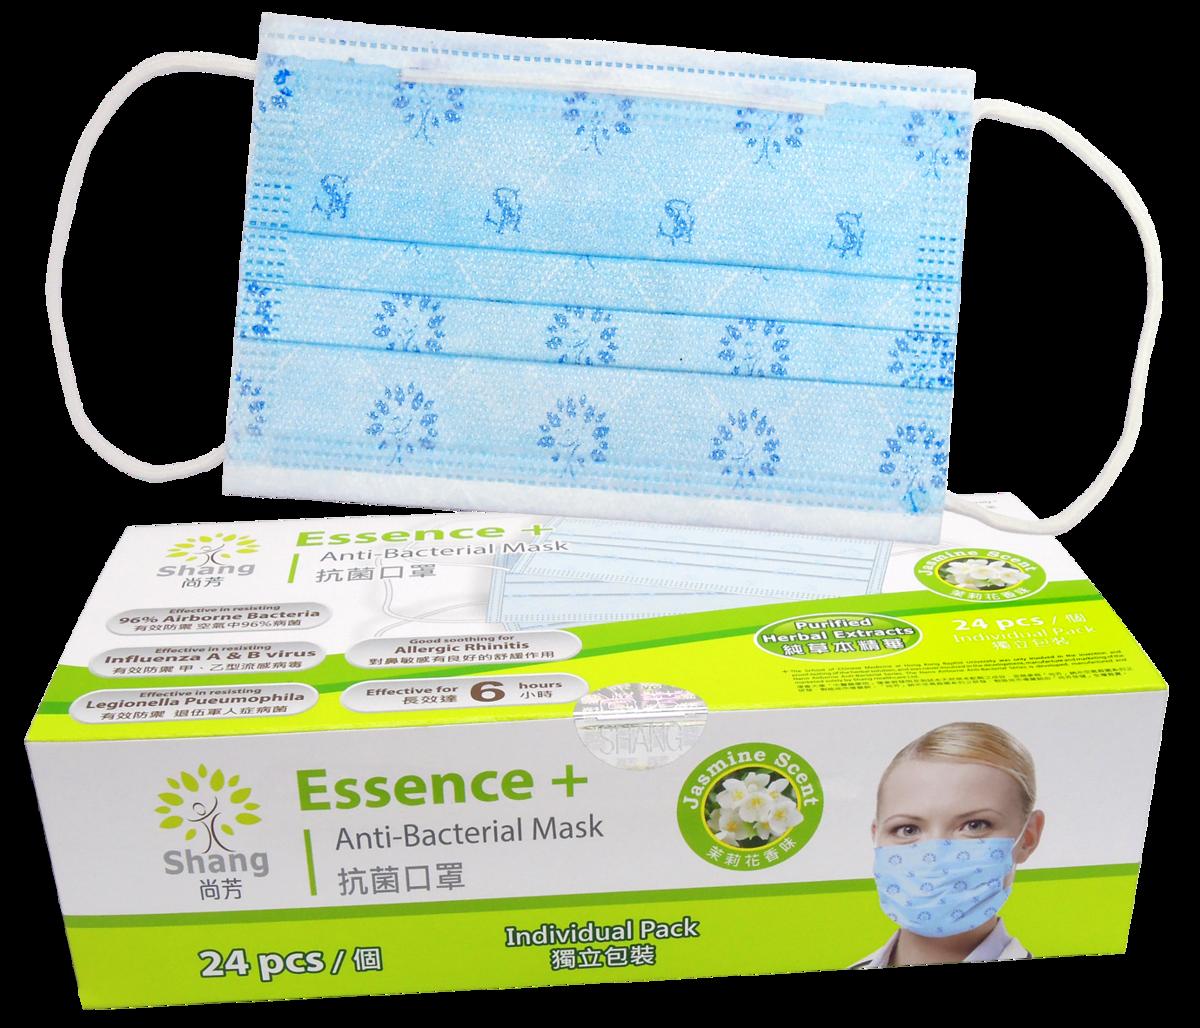 成人抗菌口罩 獨立包裝 / 24個裝彩盒